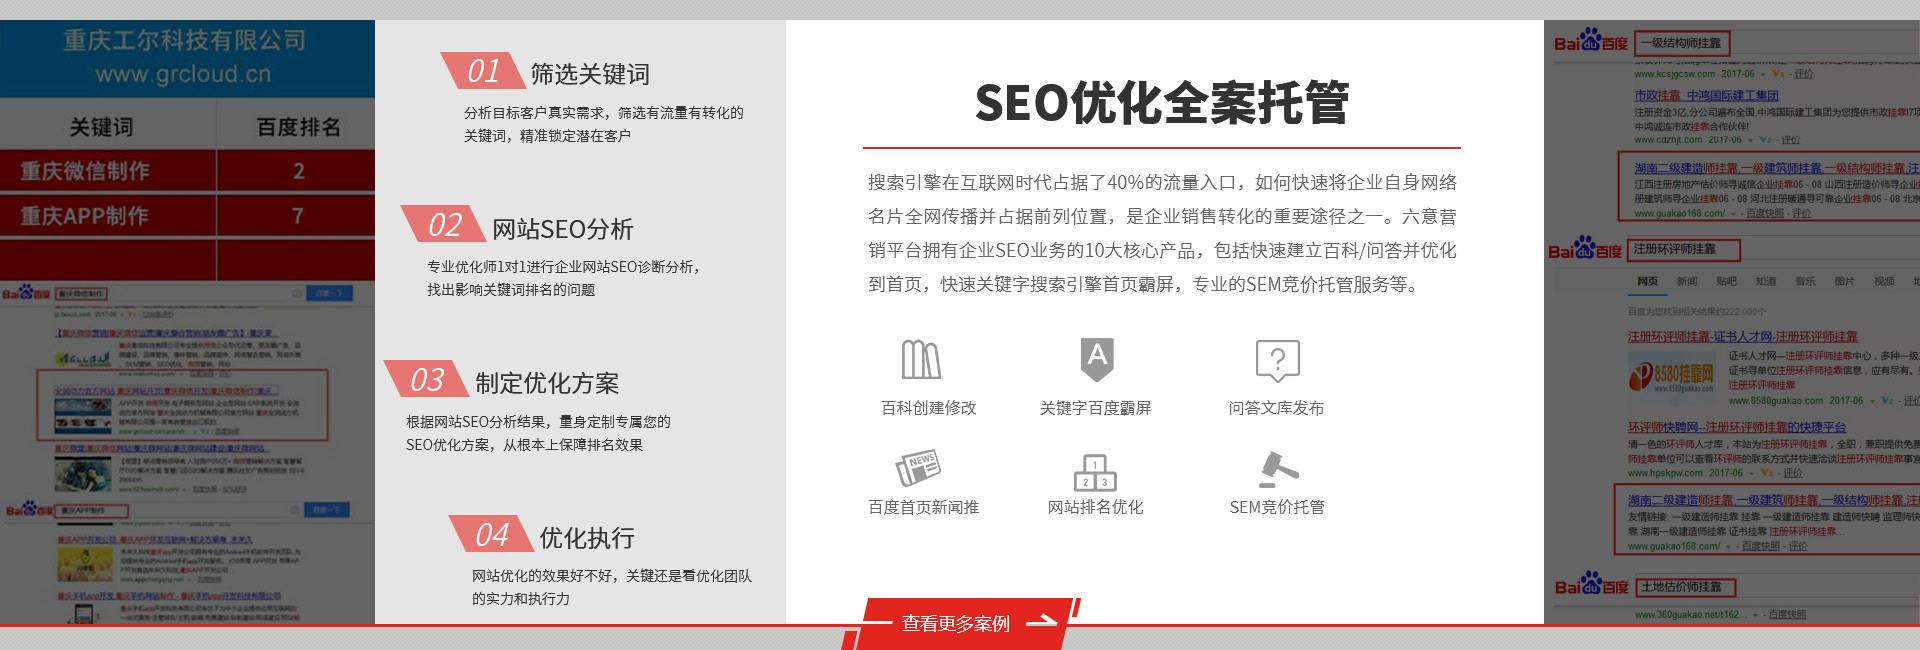 六意科技是专门做佛山SEO优化外包的网络公司